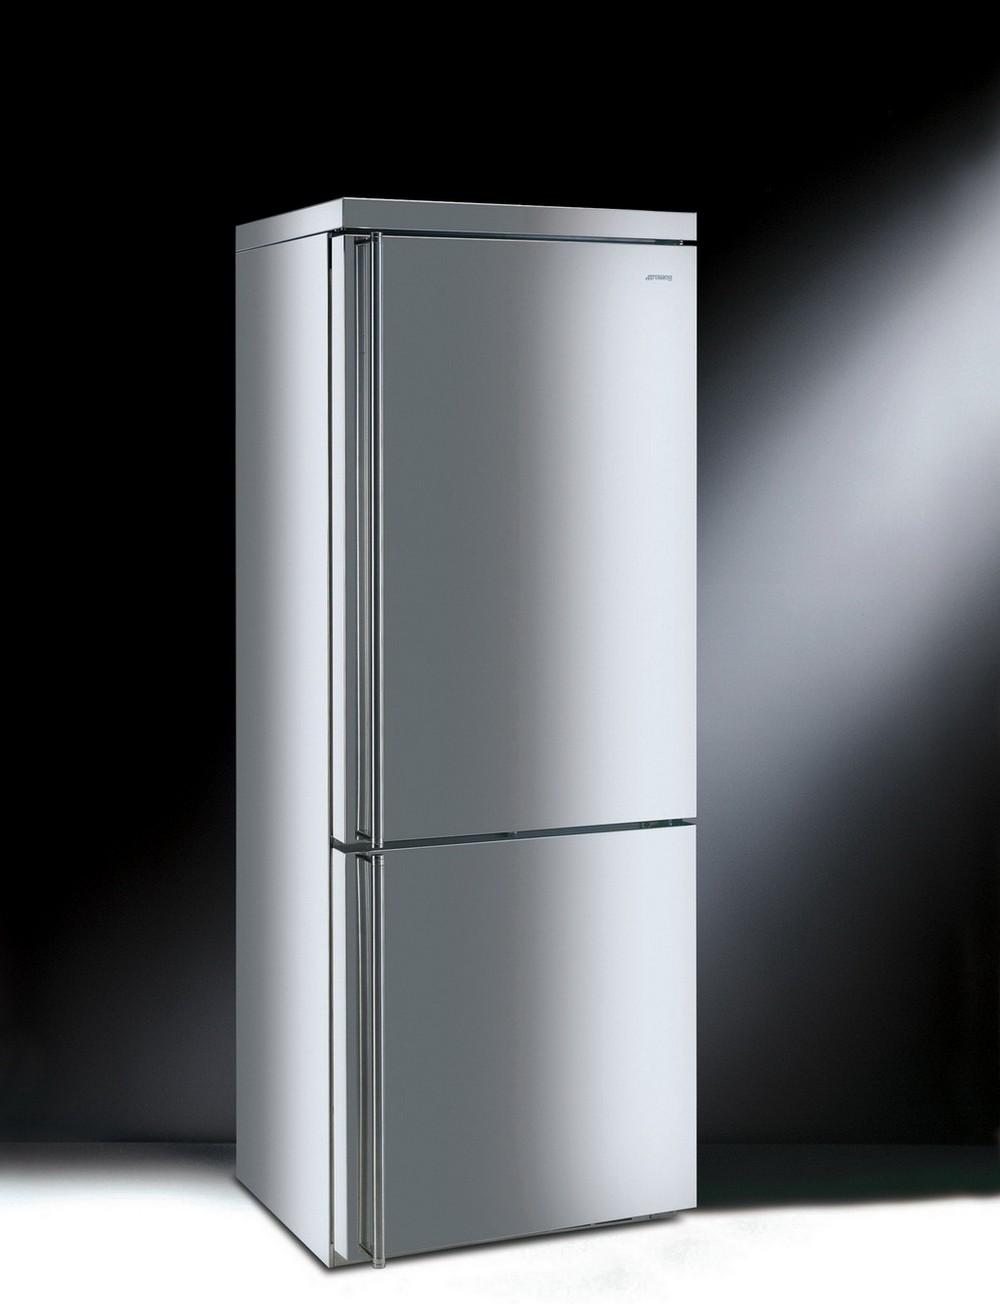 Холодильник из нержавеющей стали Smeg в Краснодаре